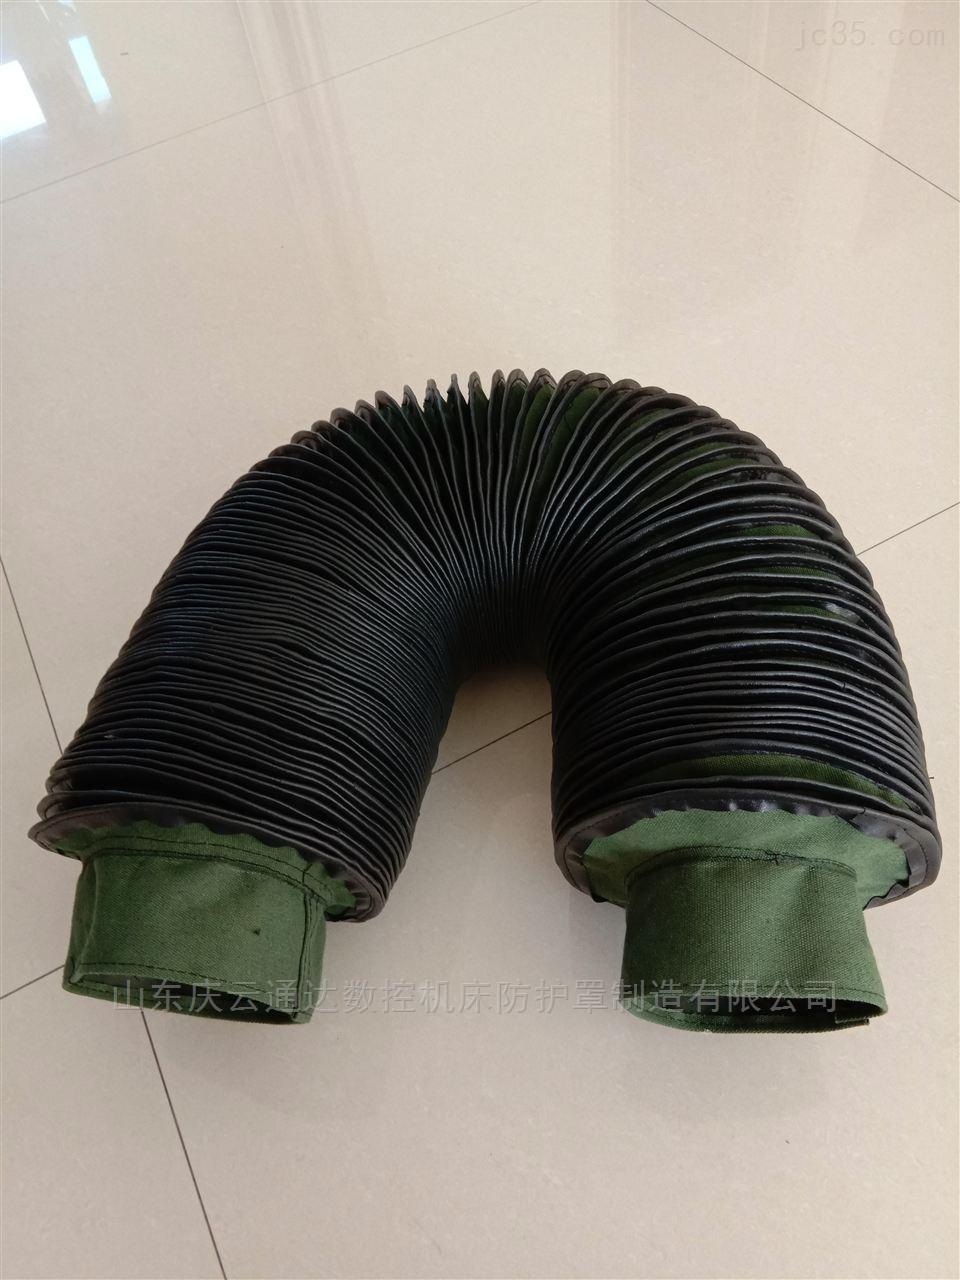 防護罩-大型氣缸防護罩